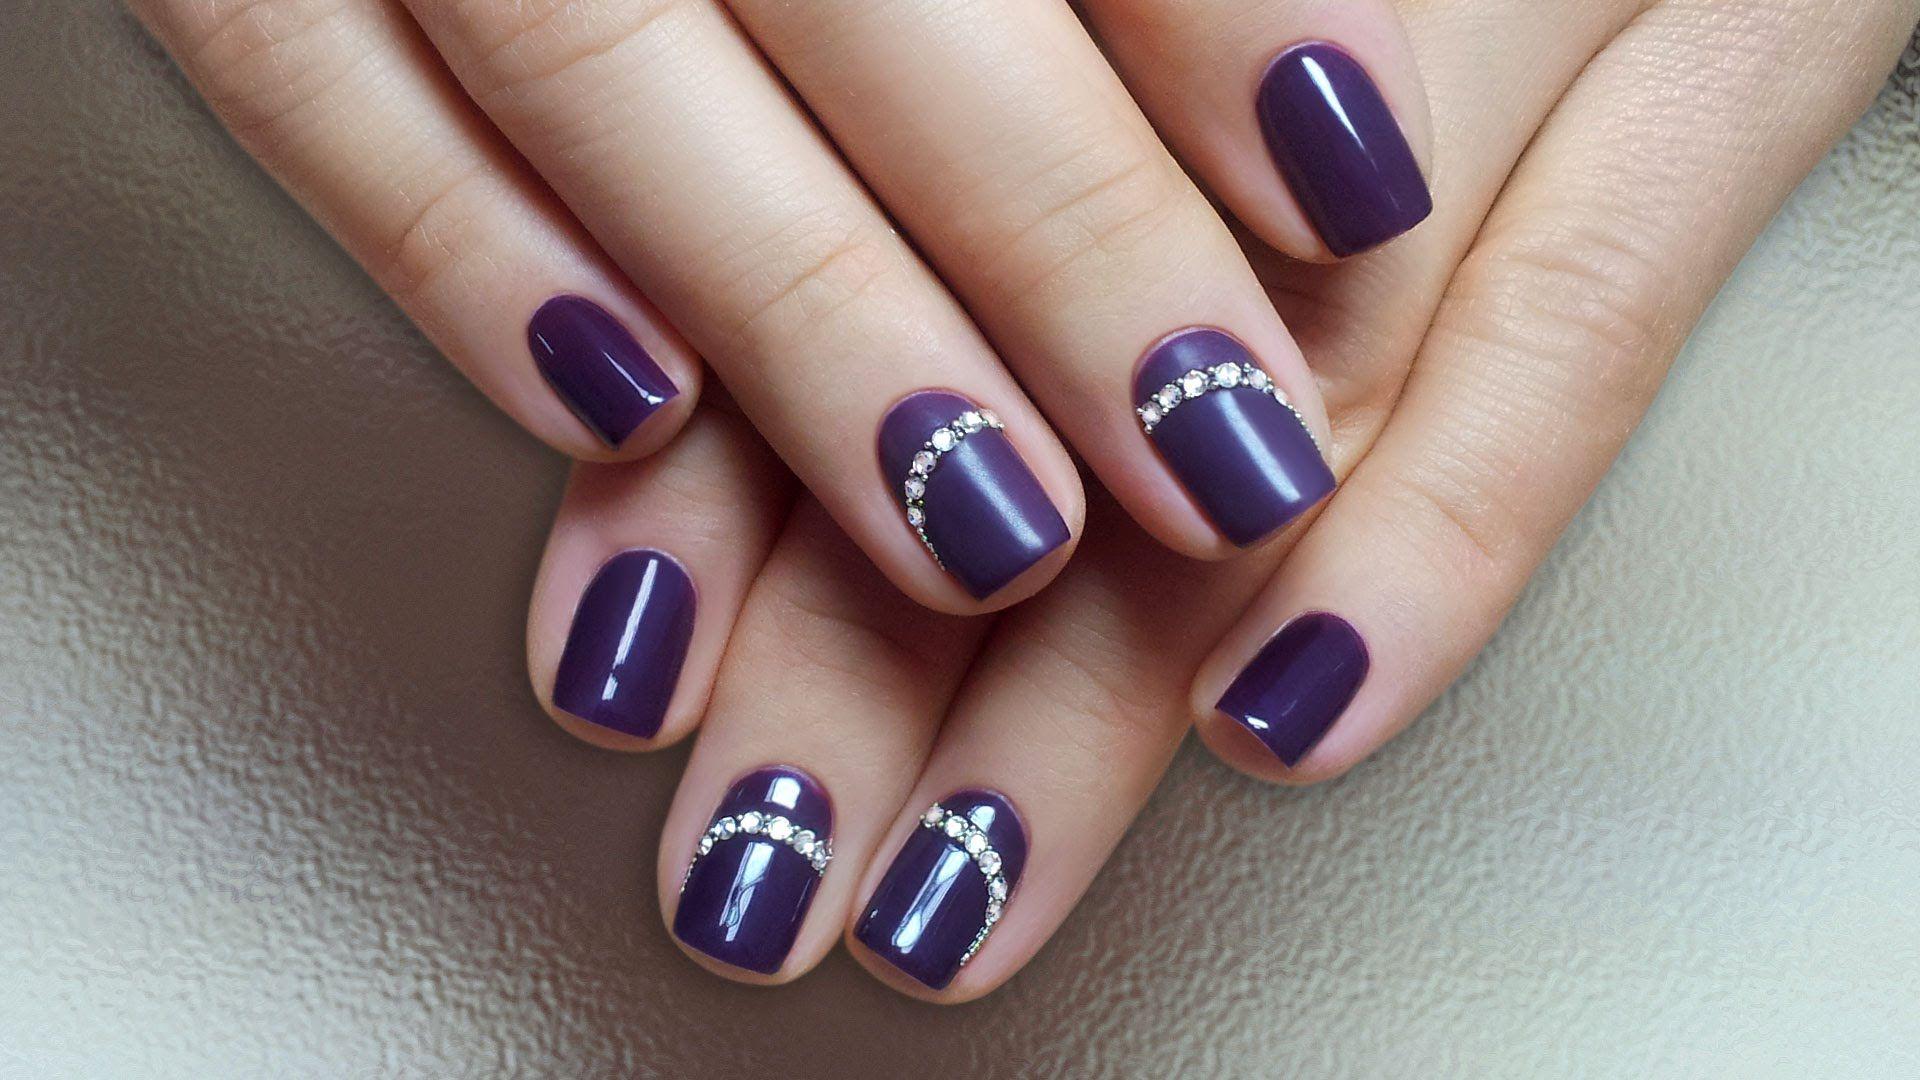 Лучший дизайн ногтей со стразами сваровски фото